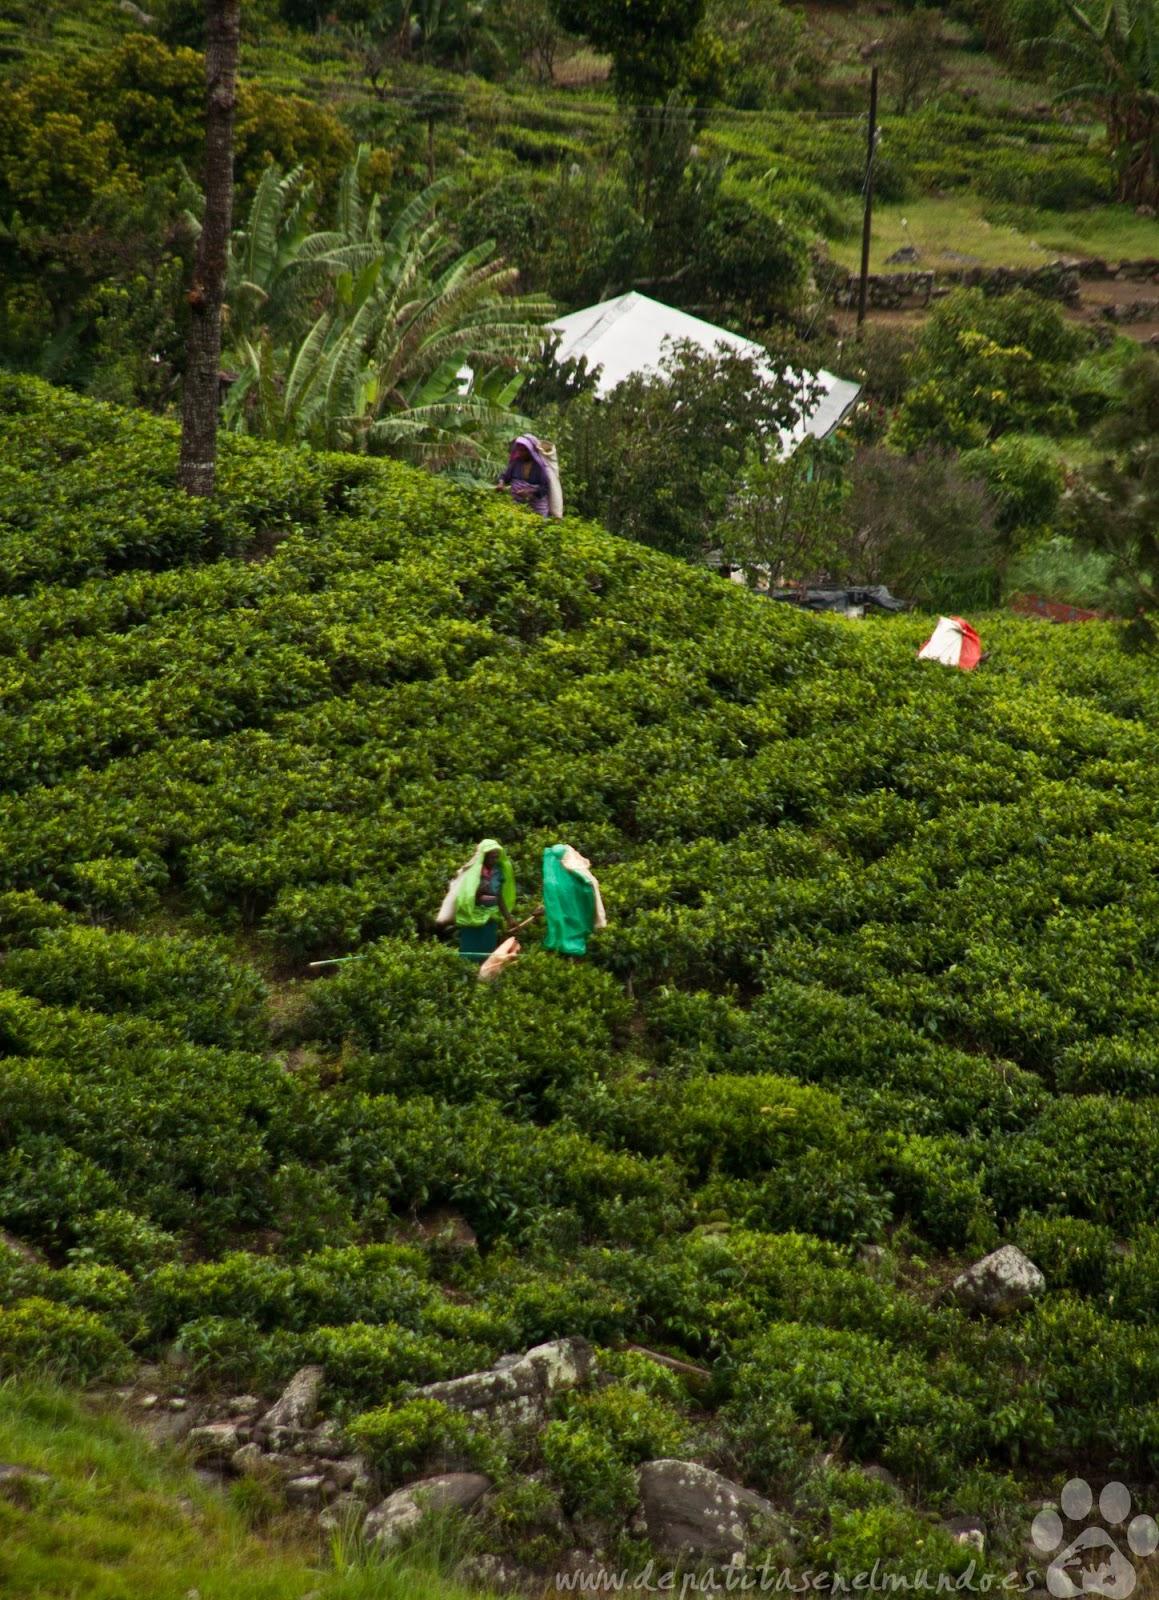 Recolectoras de té en Haputale